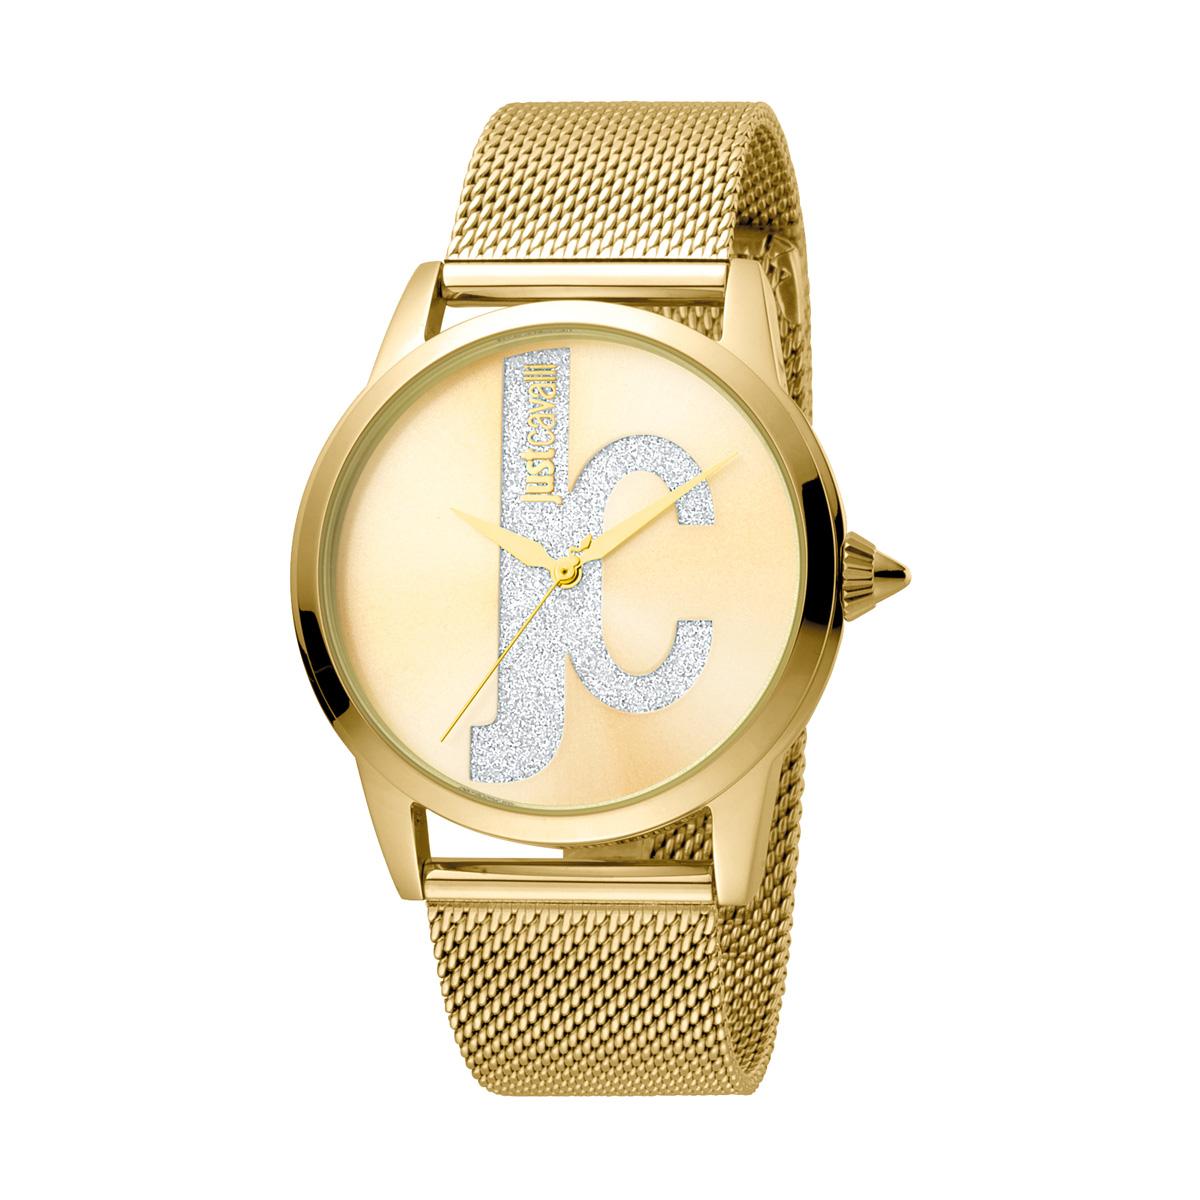 84c86650f10 Relógio JUST CAVALLI Logo Dourado JC1L055M0065. Adicionar à Lista de  Desejos Remover da Lista de Desejos